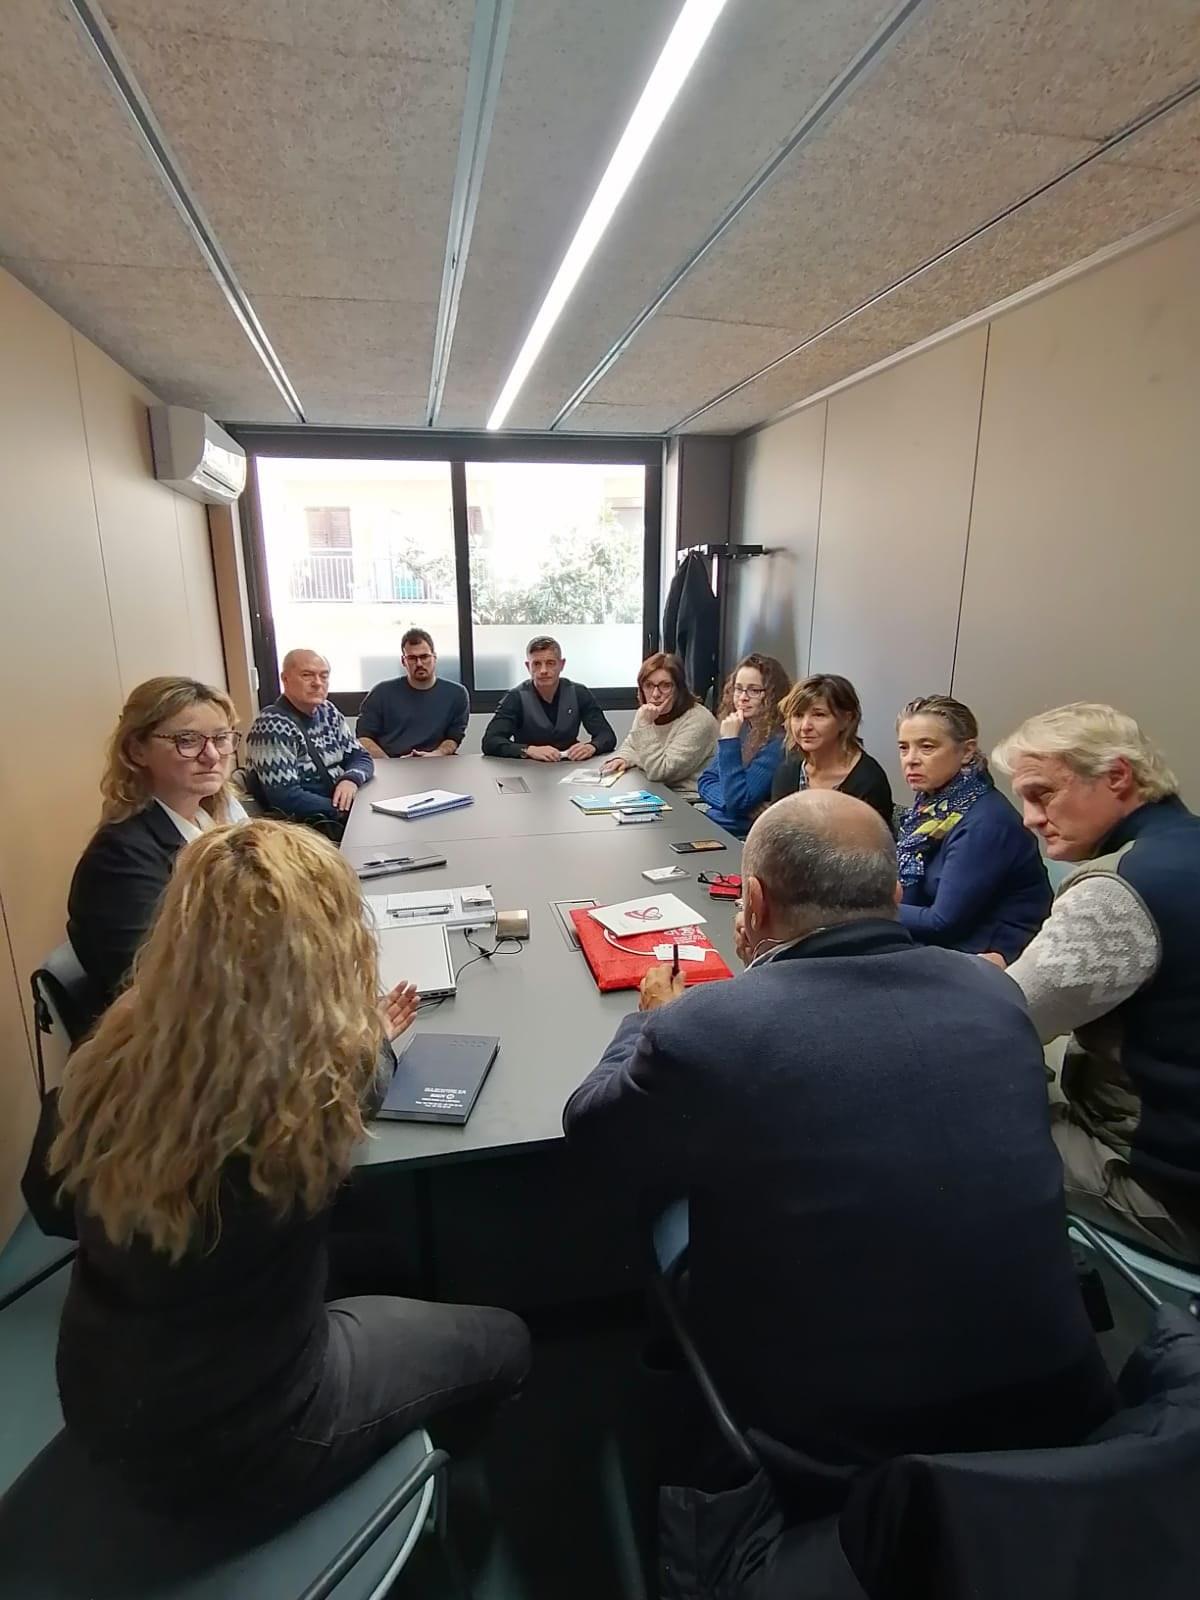 La regidoria de Promoció Econòmica visita Platja d'Aro per conèixer l'experiència de l'associació d'empresaris d'aquesta localitat